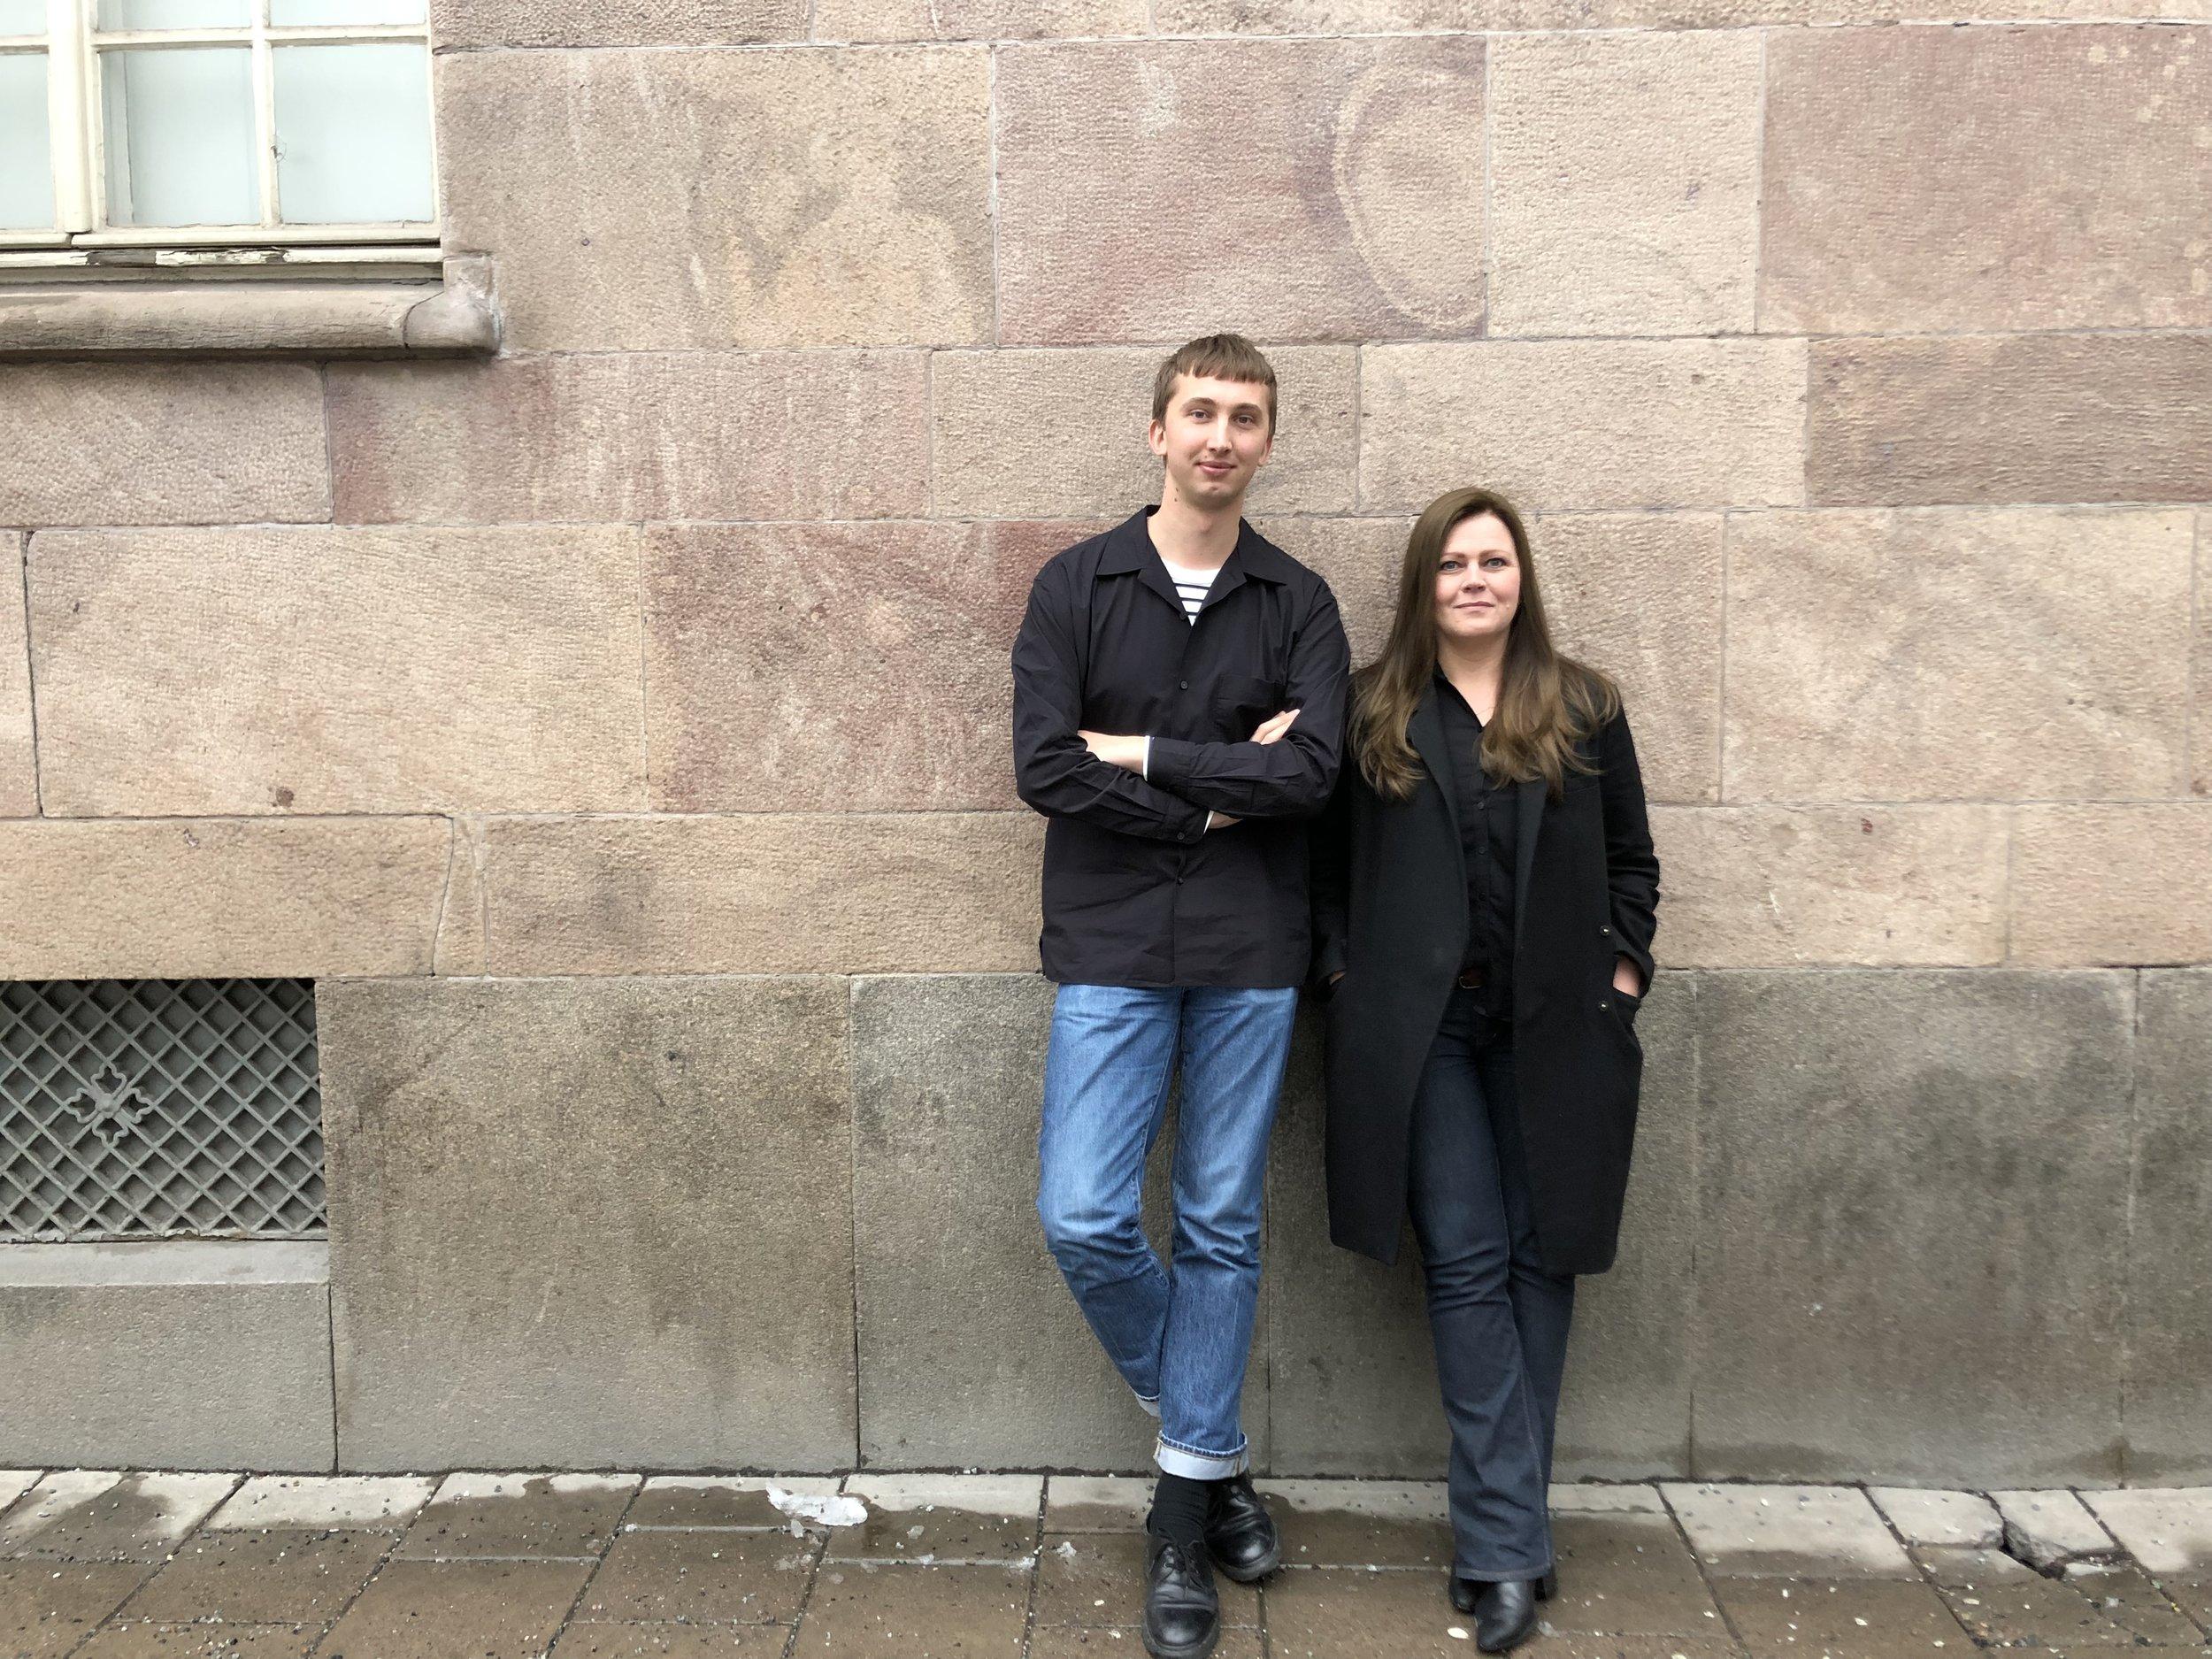 Joakim Johansson & Annika Miscevic